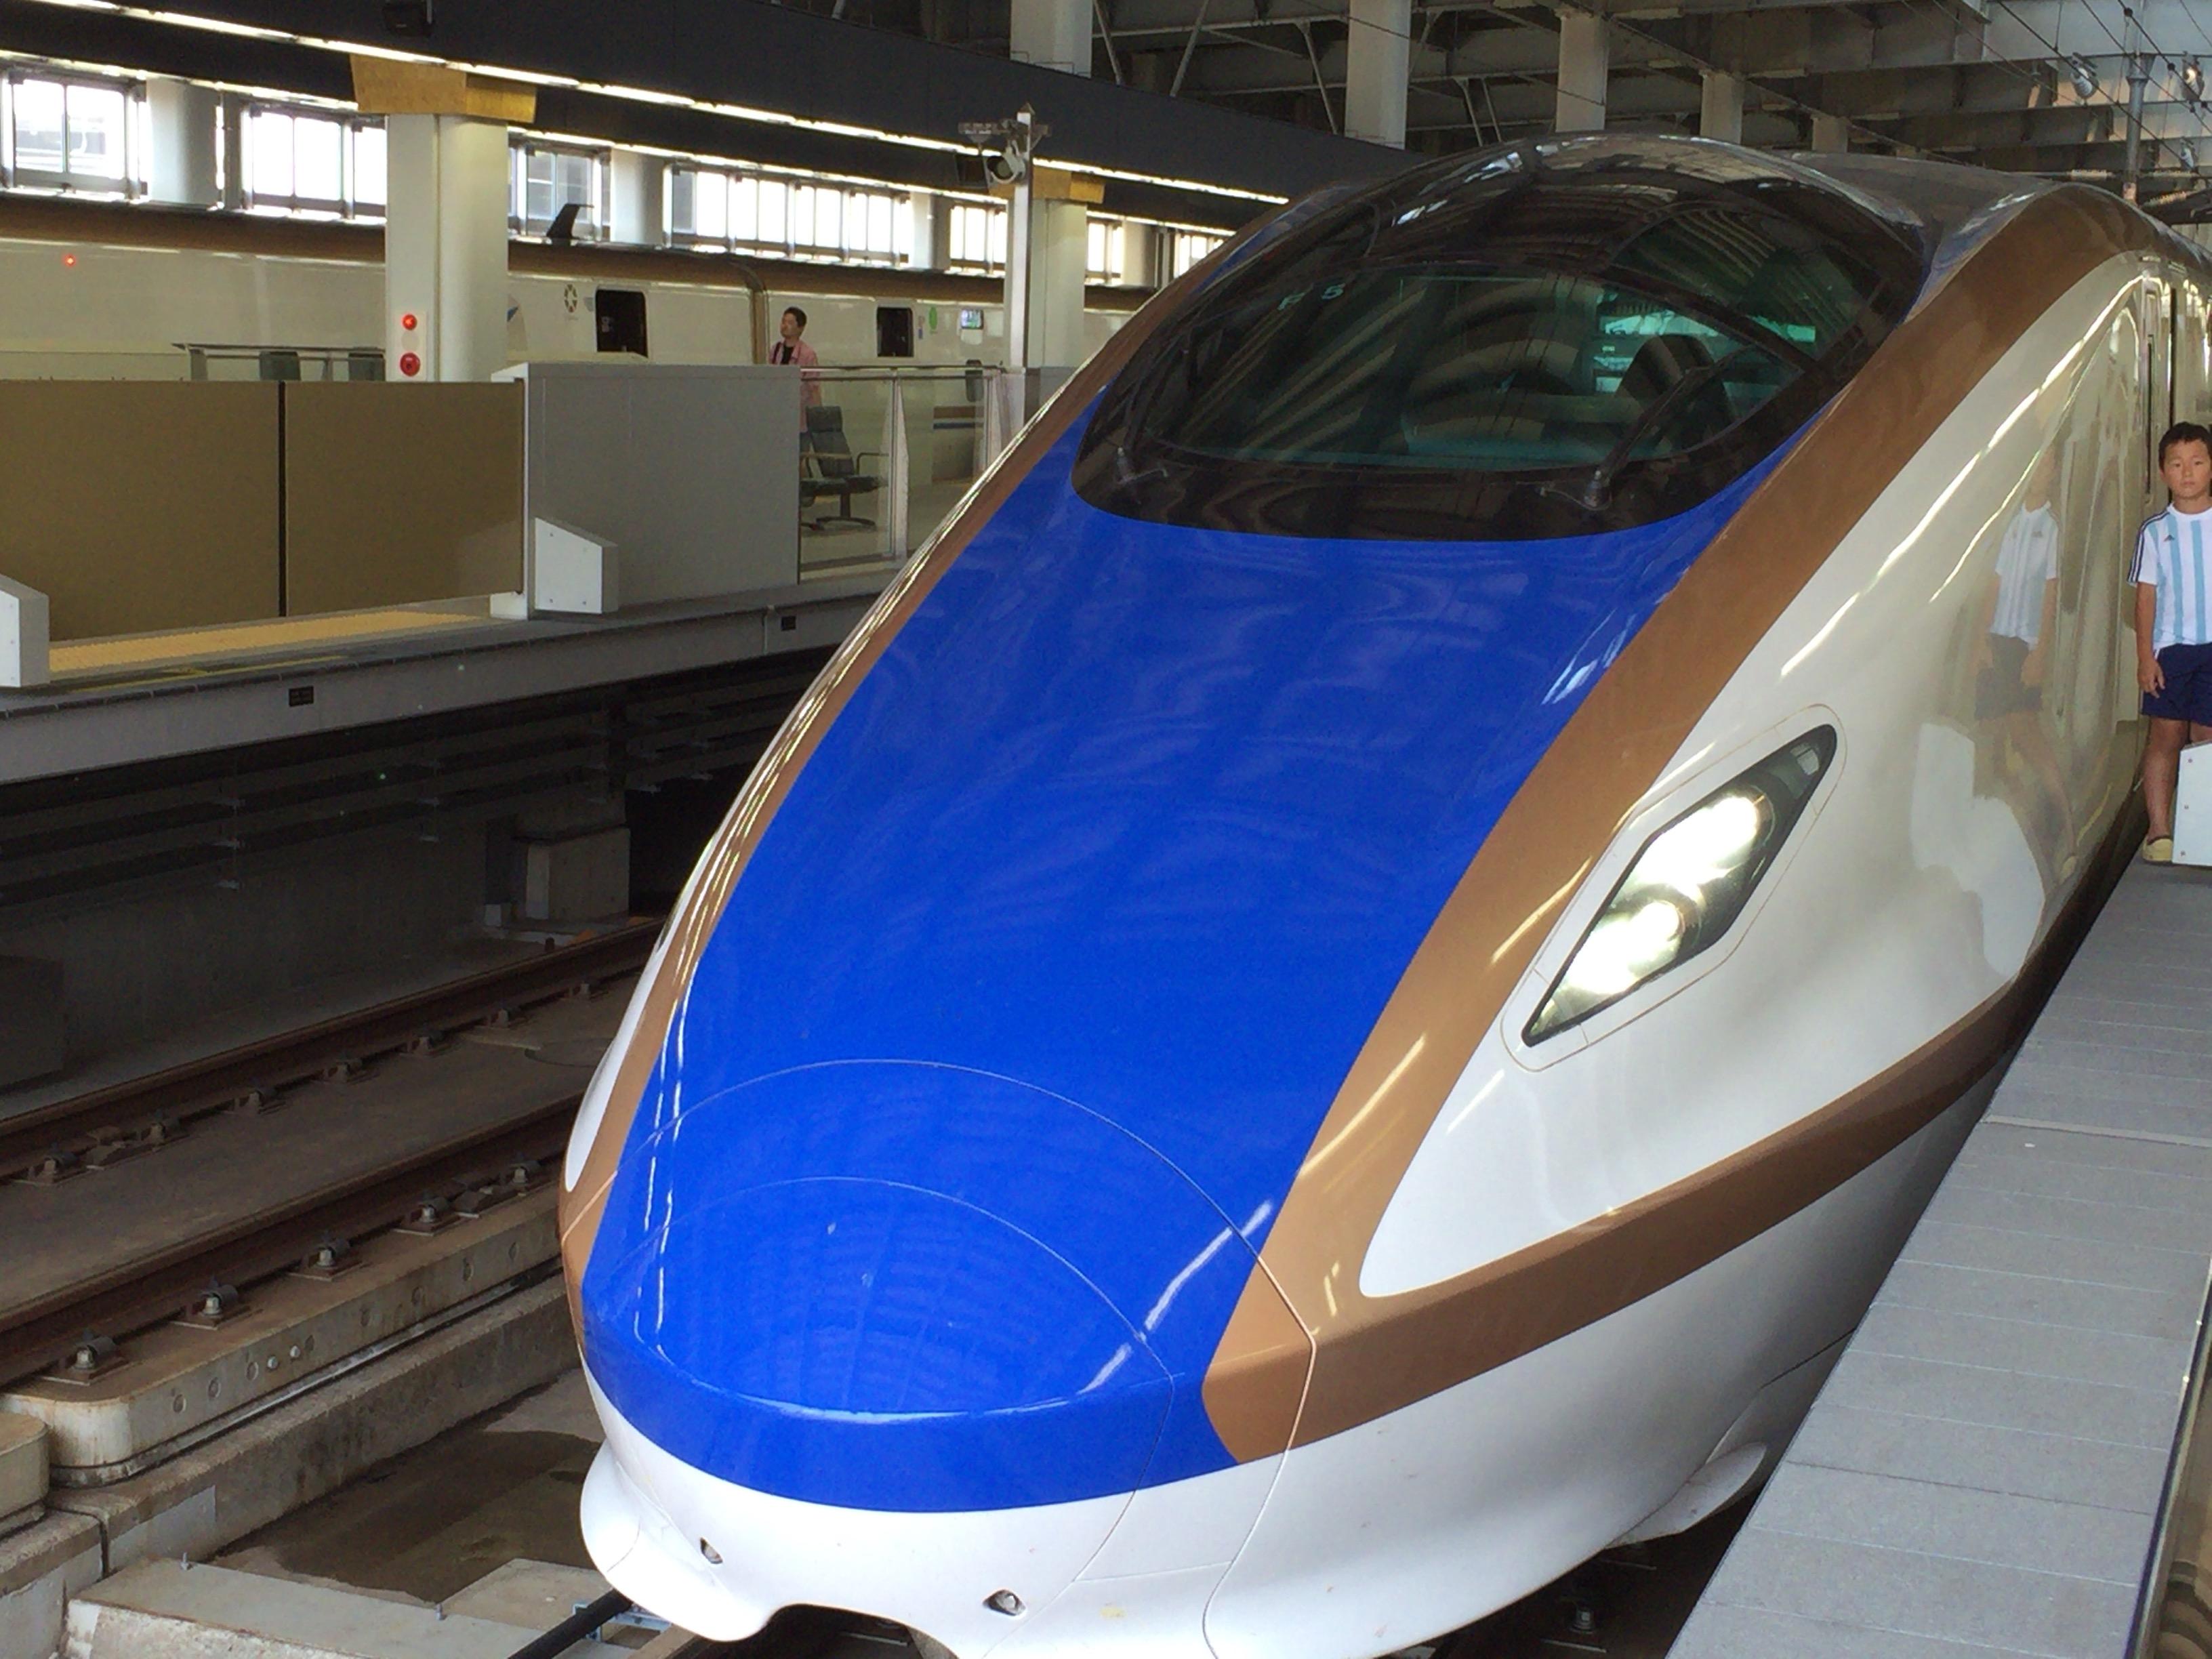 北陸新幹線に乗っての旅行は快適でした